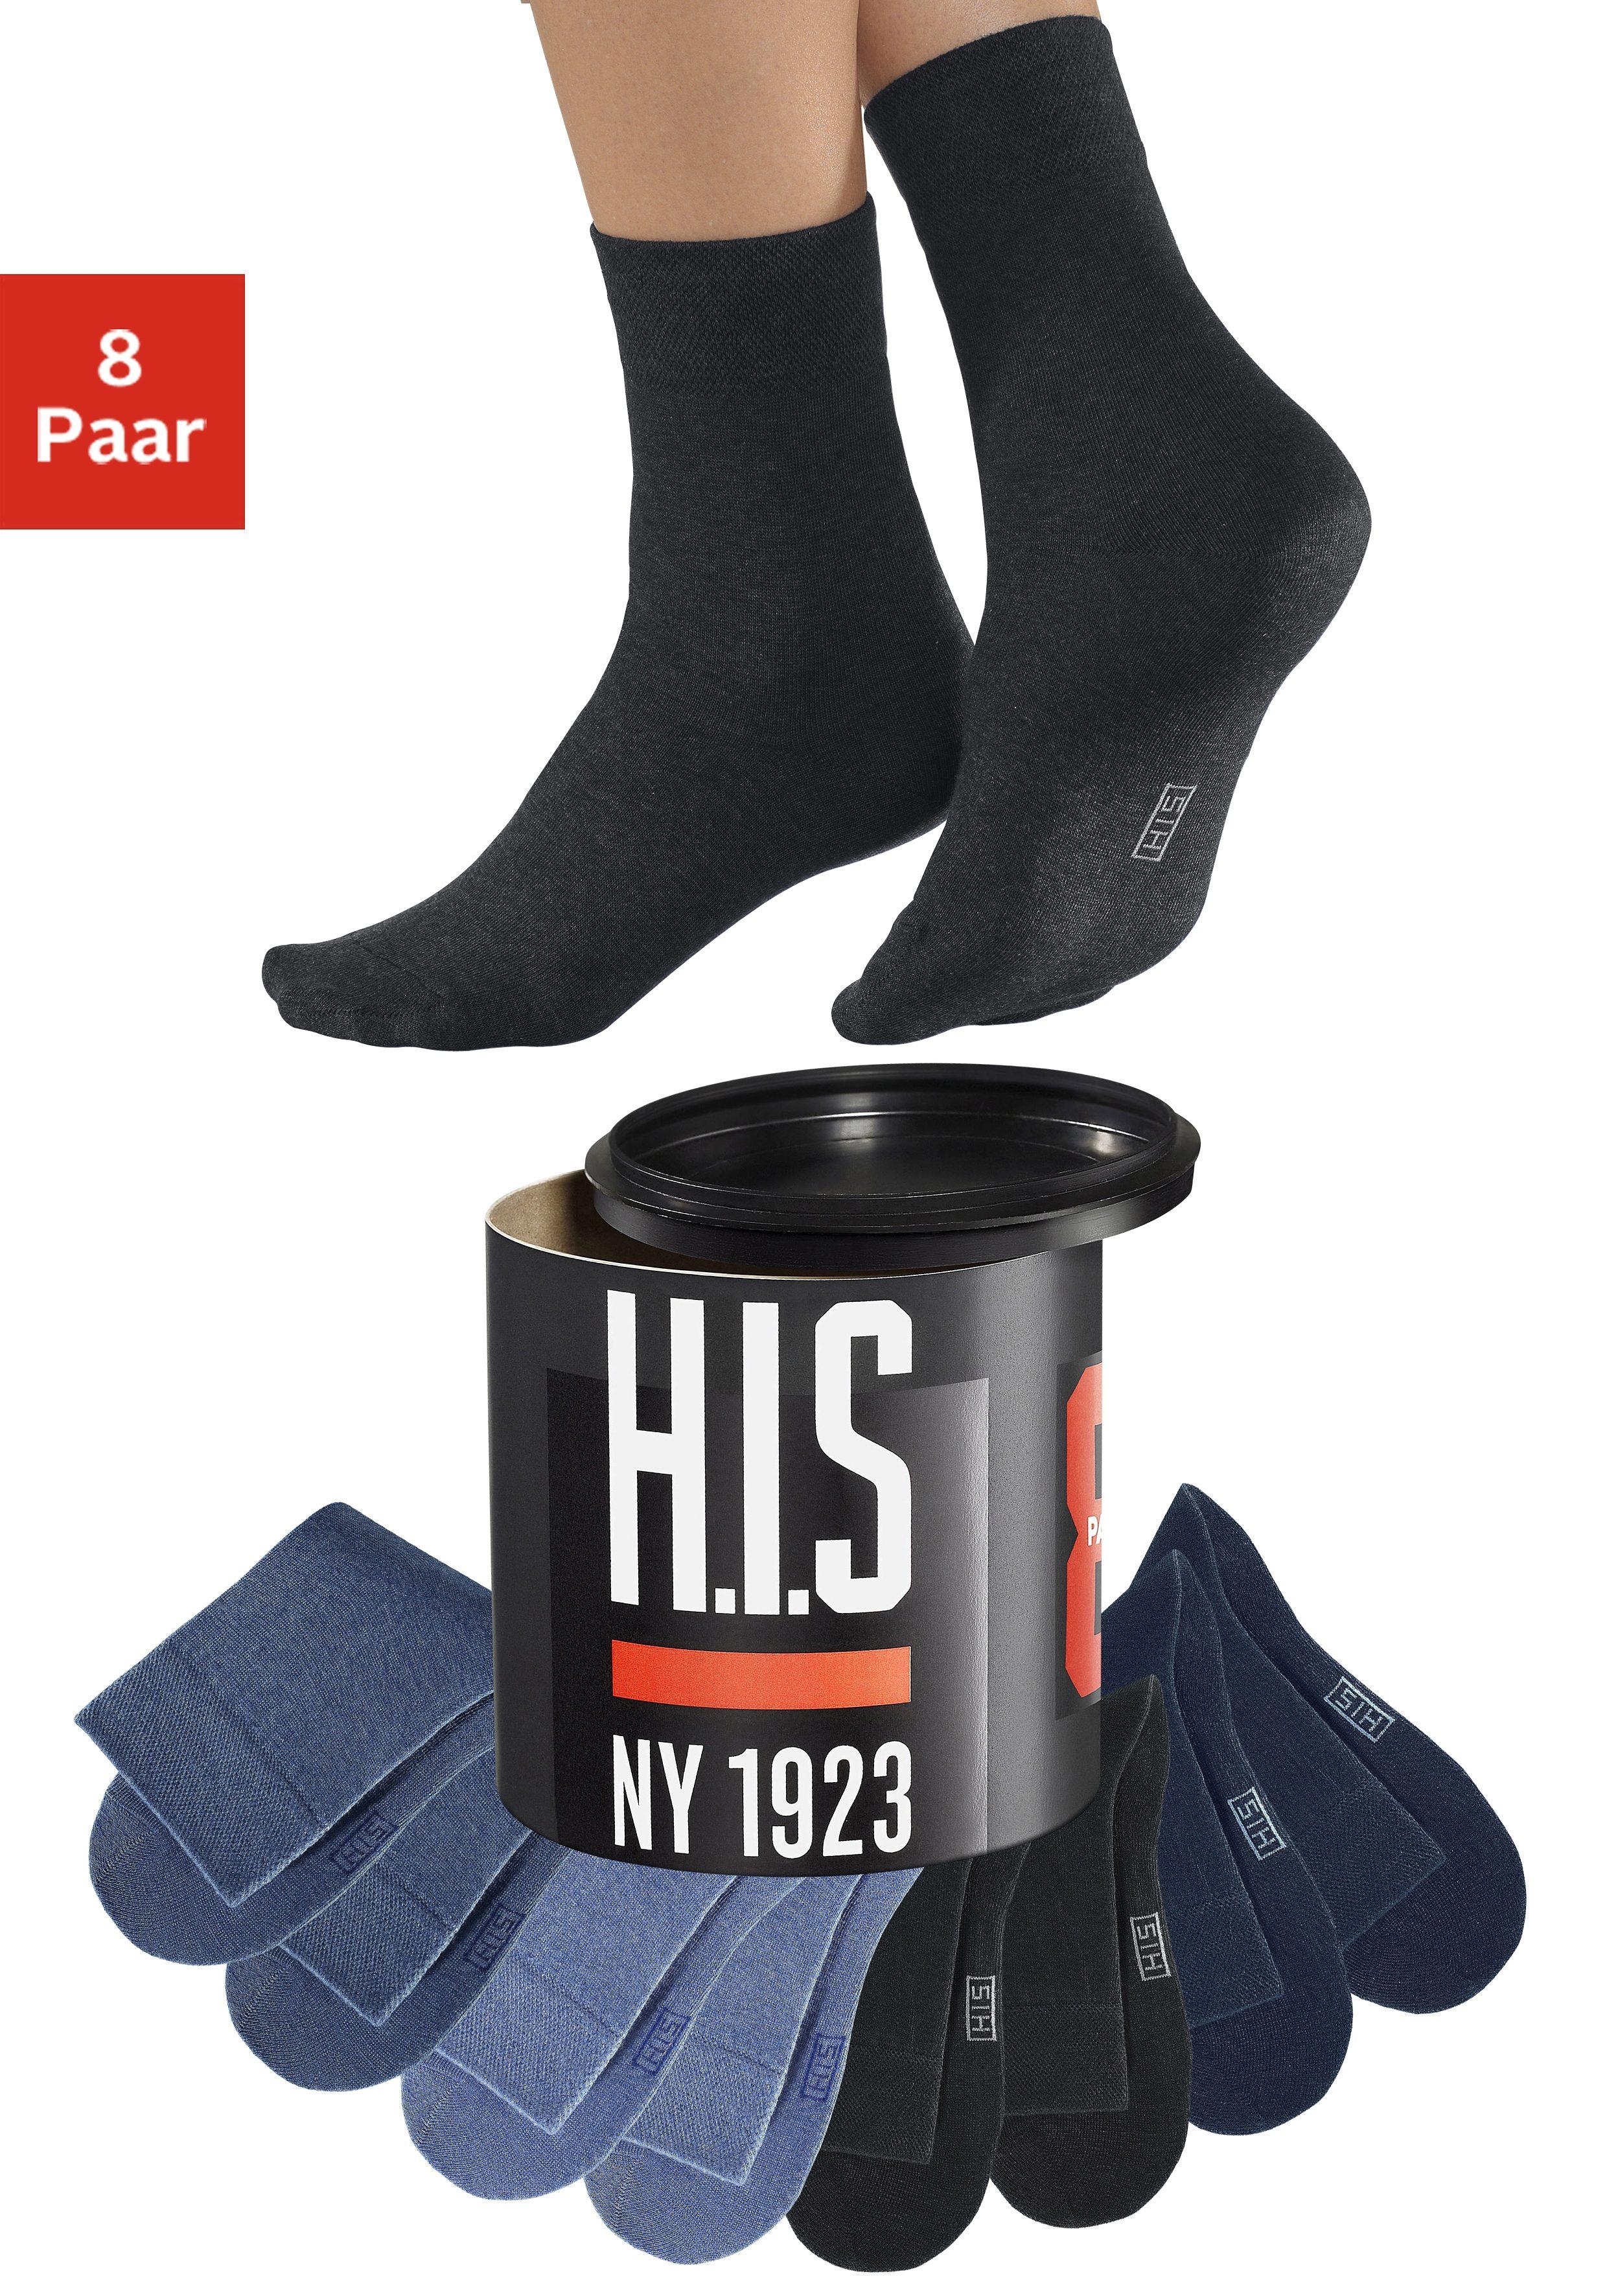 H.I.S Socken (Dose, 8 Paar)